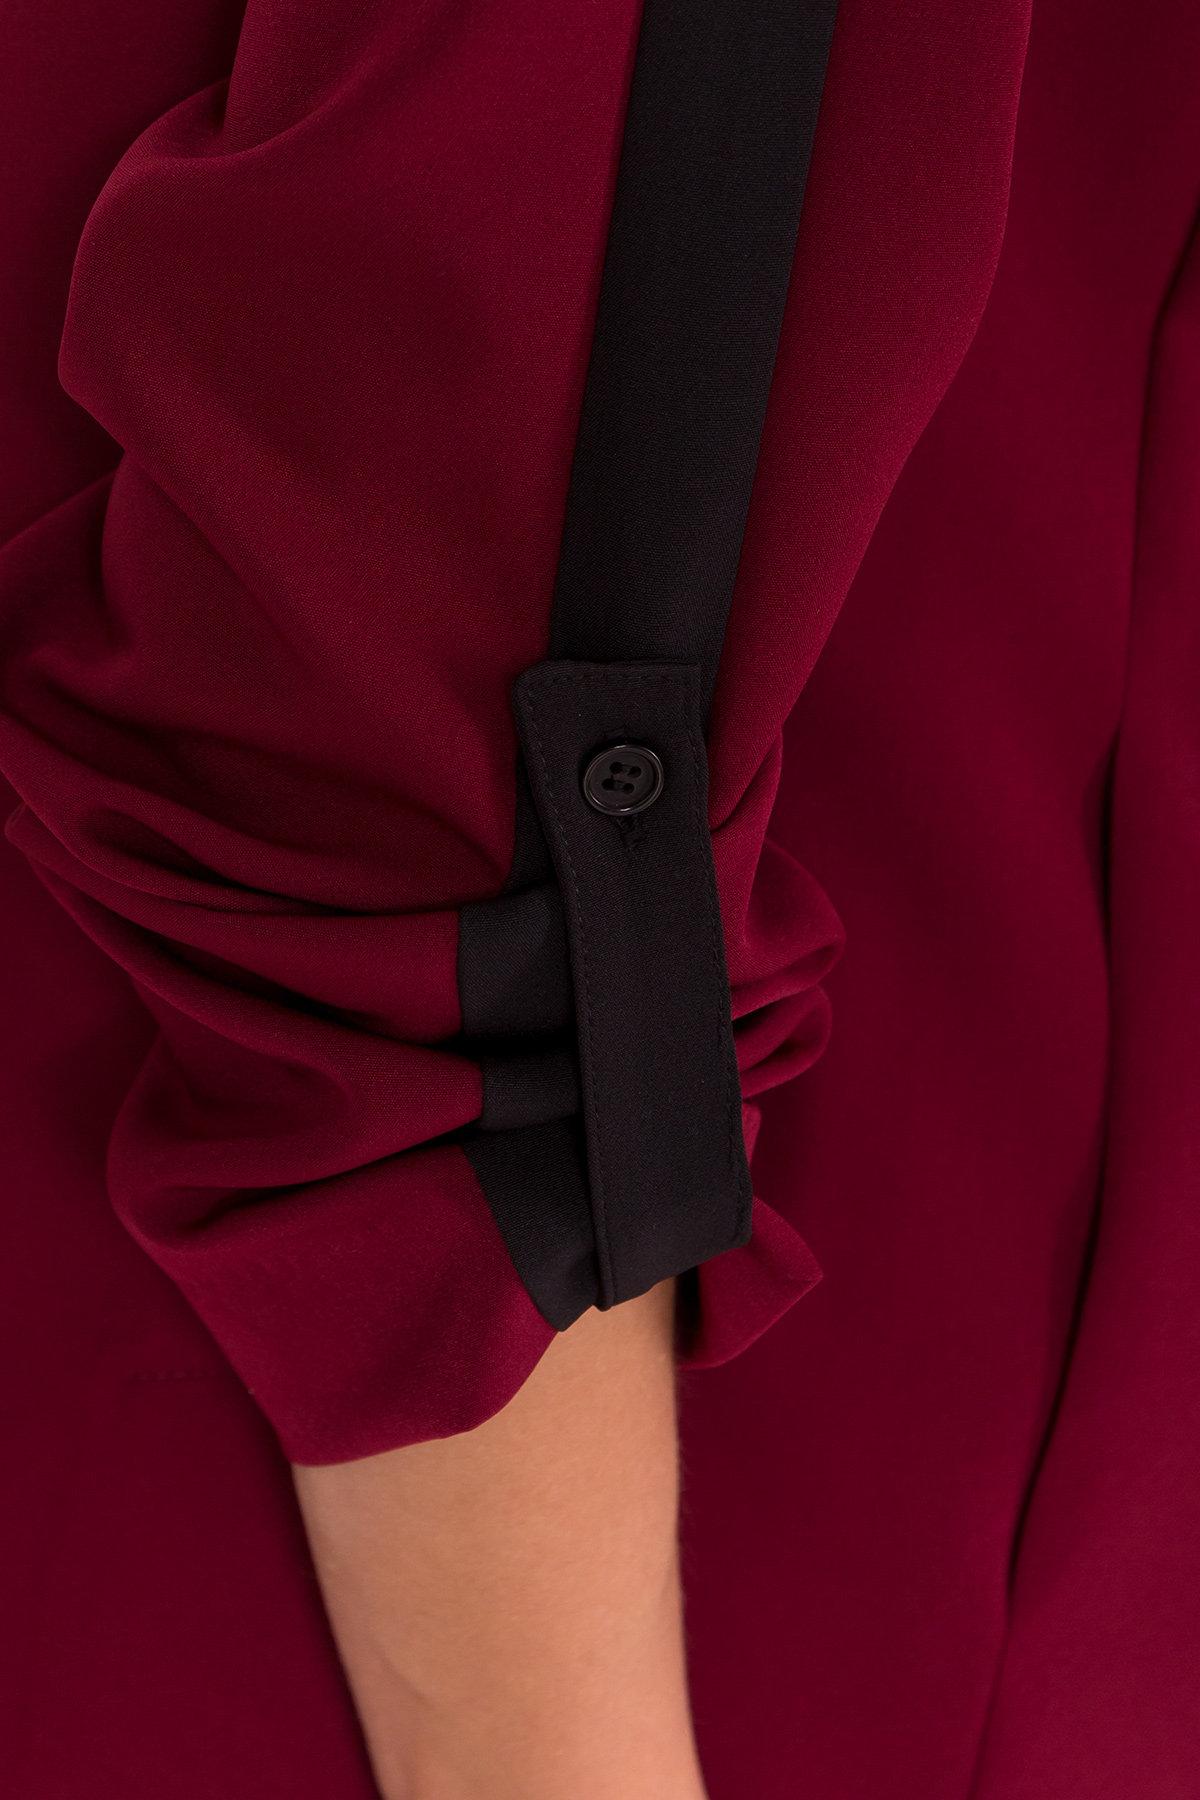 Брючный костюм с лампасами Макеба 7715 АРТ. 43621 Цвет: Марсала/черный - фото 5, интернет магазин tm-modus.ru